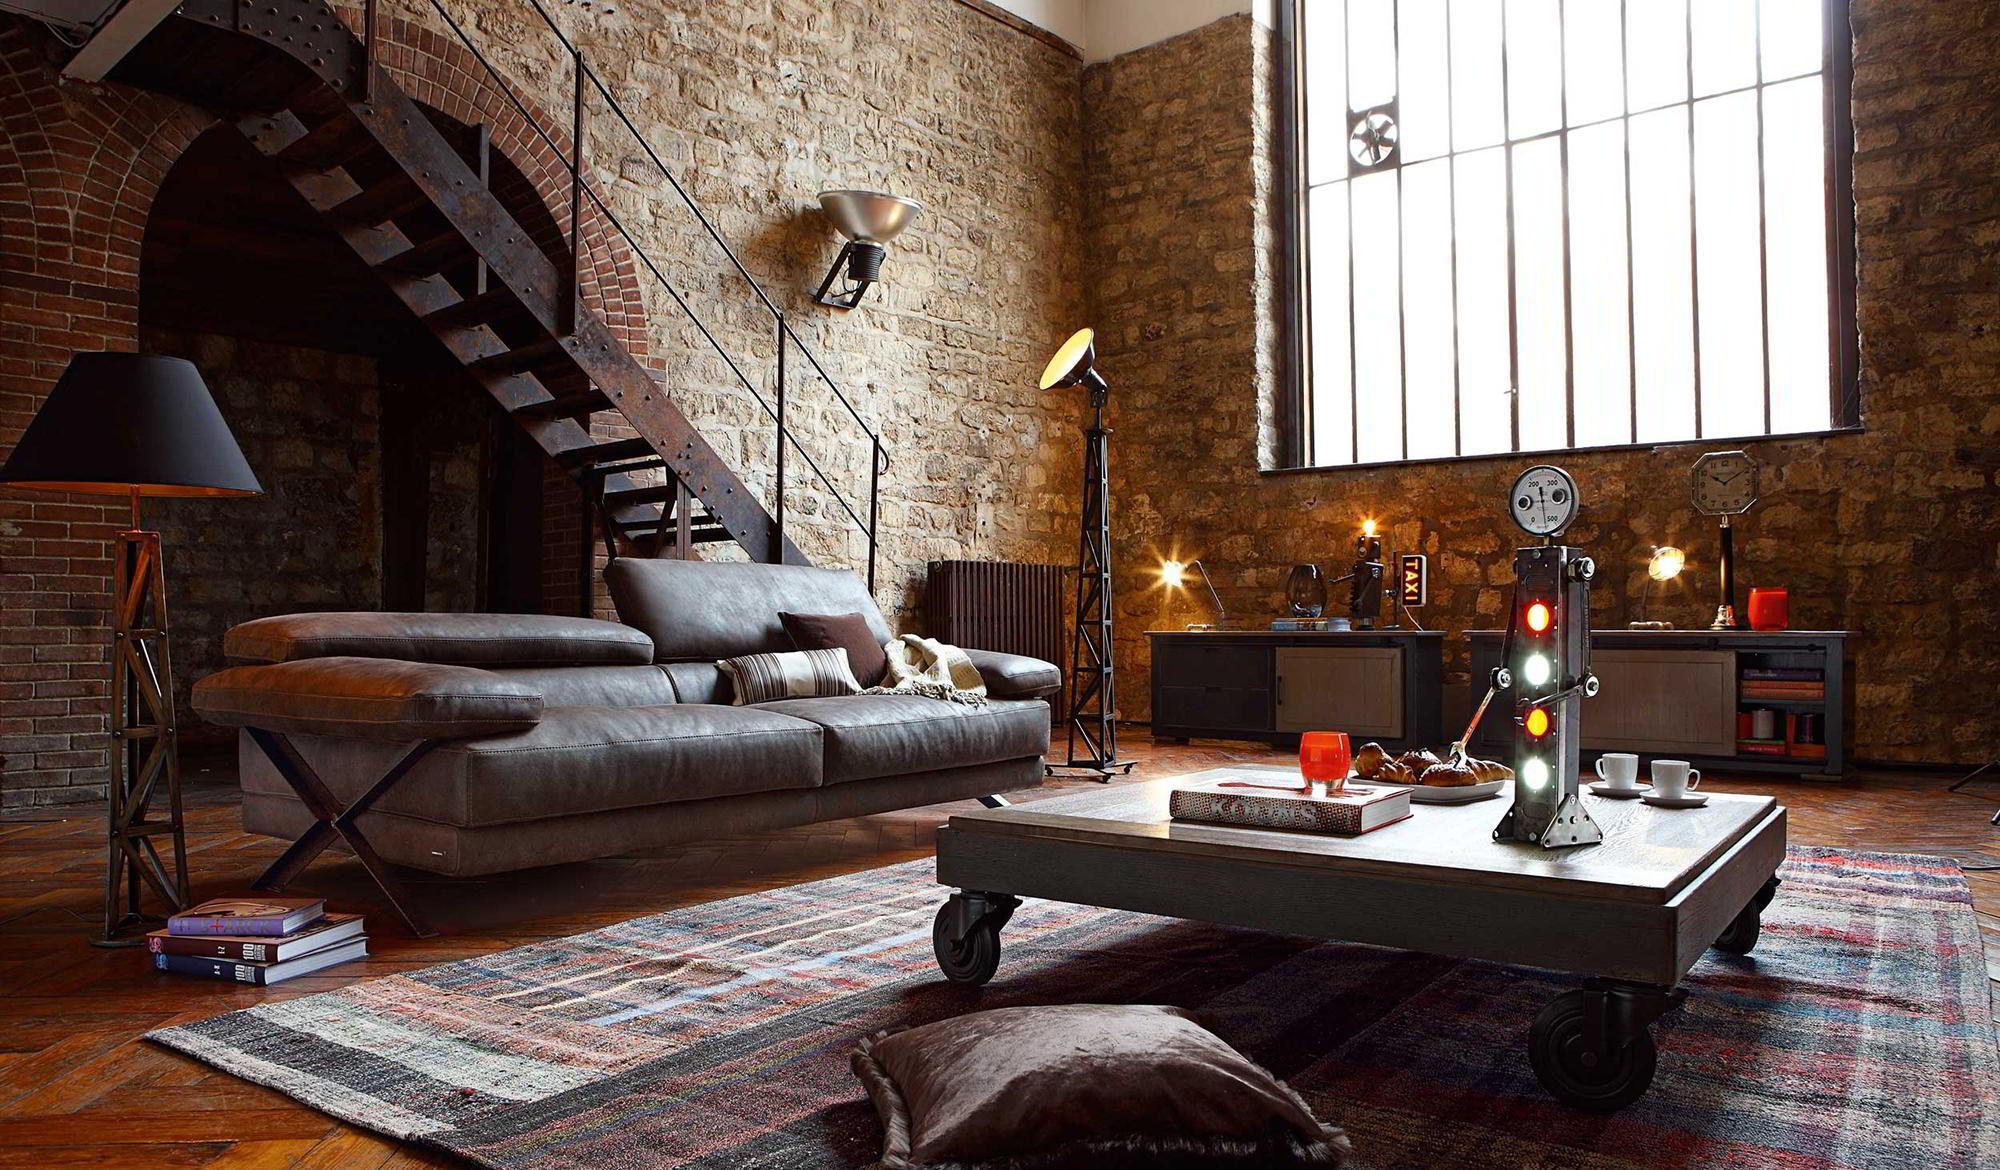 Идеи Дизайна Современной Гостиной, Оригинальное Оформление Интерьера Квартиры, Зонирование, Выбор Отделки, Мебели и Освещения